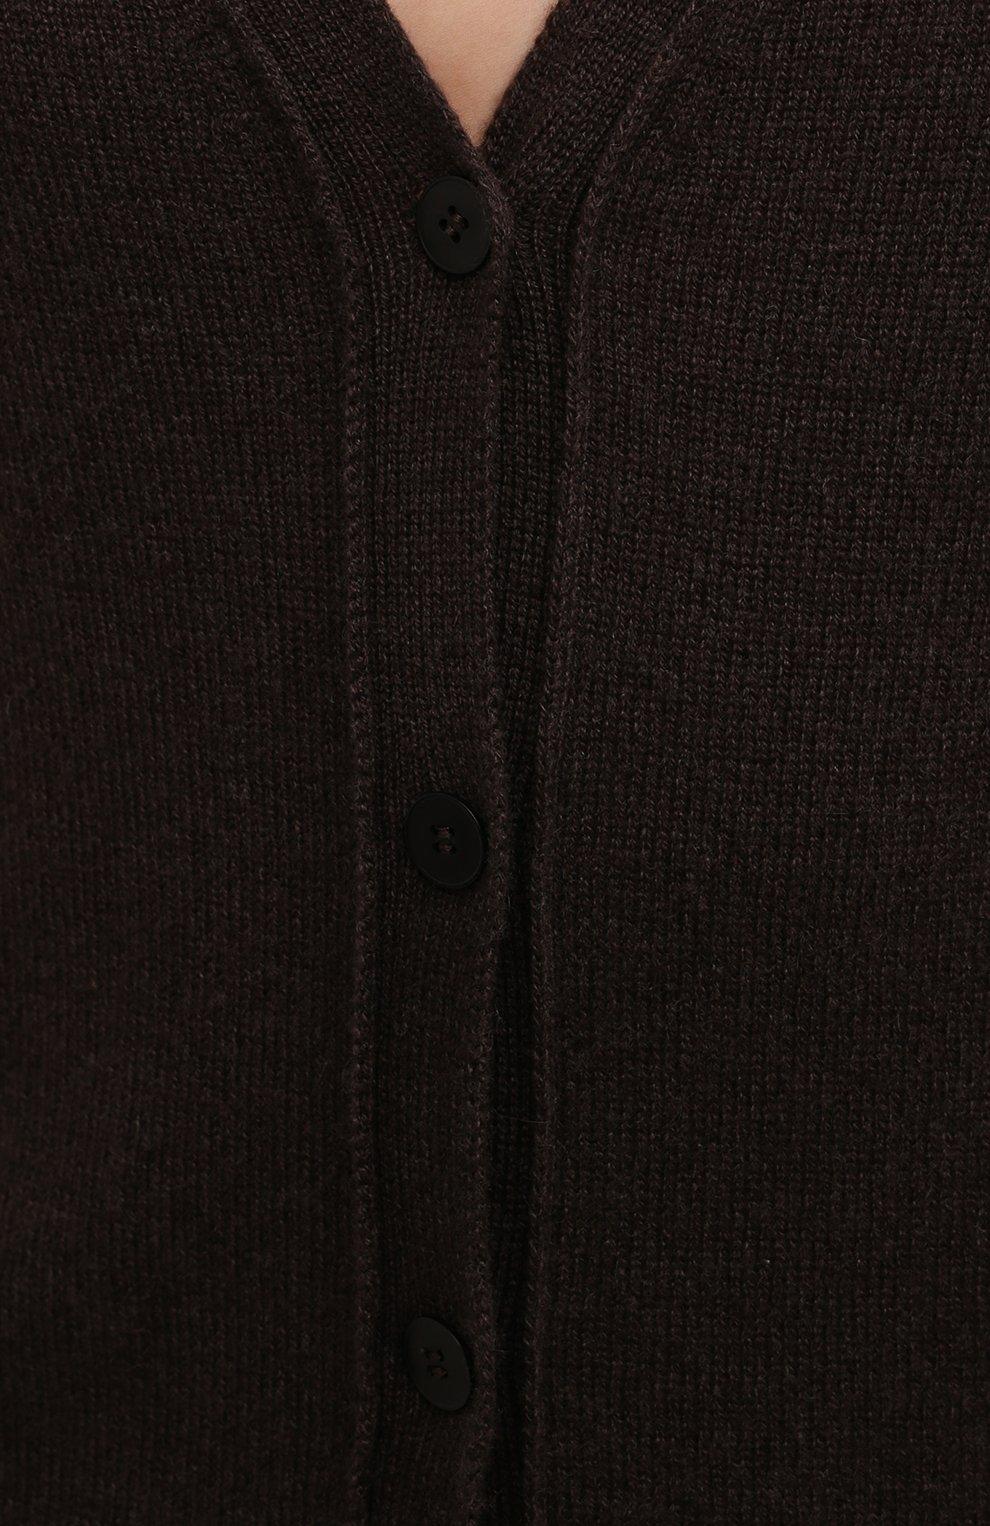 Женский кашемировый кардиган THE ROW темно-коричневого цвета, арт. 5683F377 | Фото 5 (Материал внешний: Шерсть, Кашемир; Рукава: Длинные; Длина (для топов): Стандартные; Женское Кросс-КТ: кардиган-трикотаж; Стили: Минимализм)